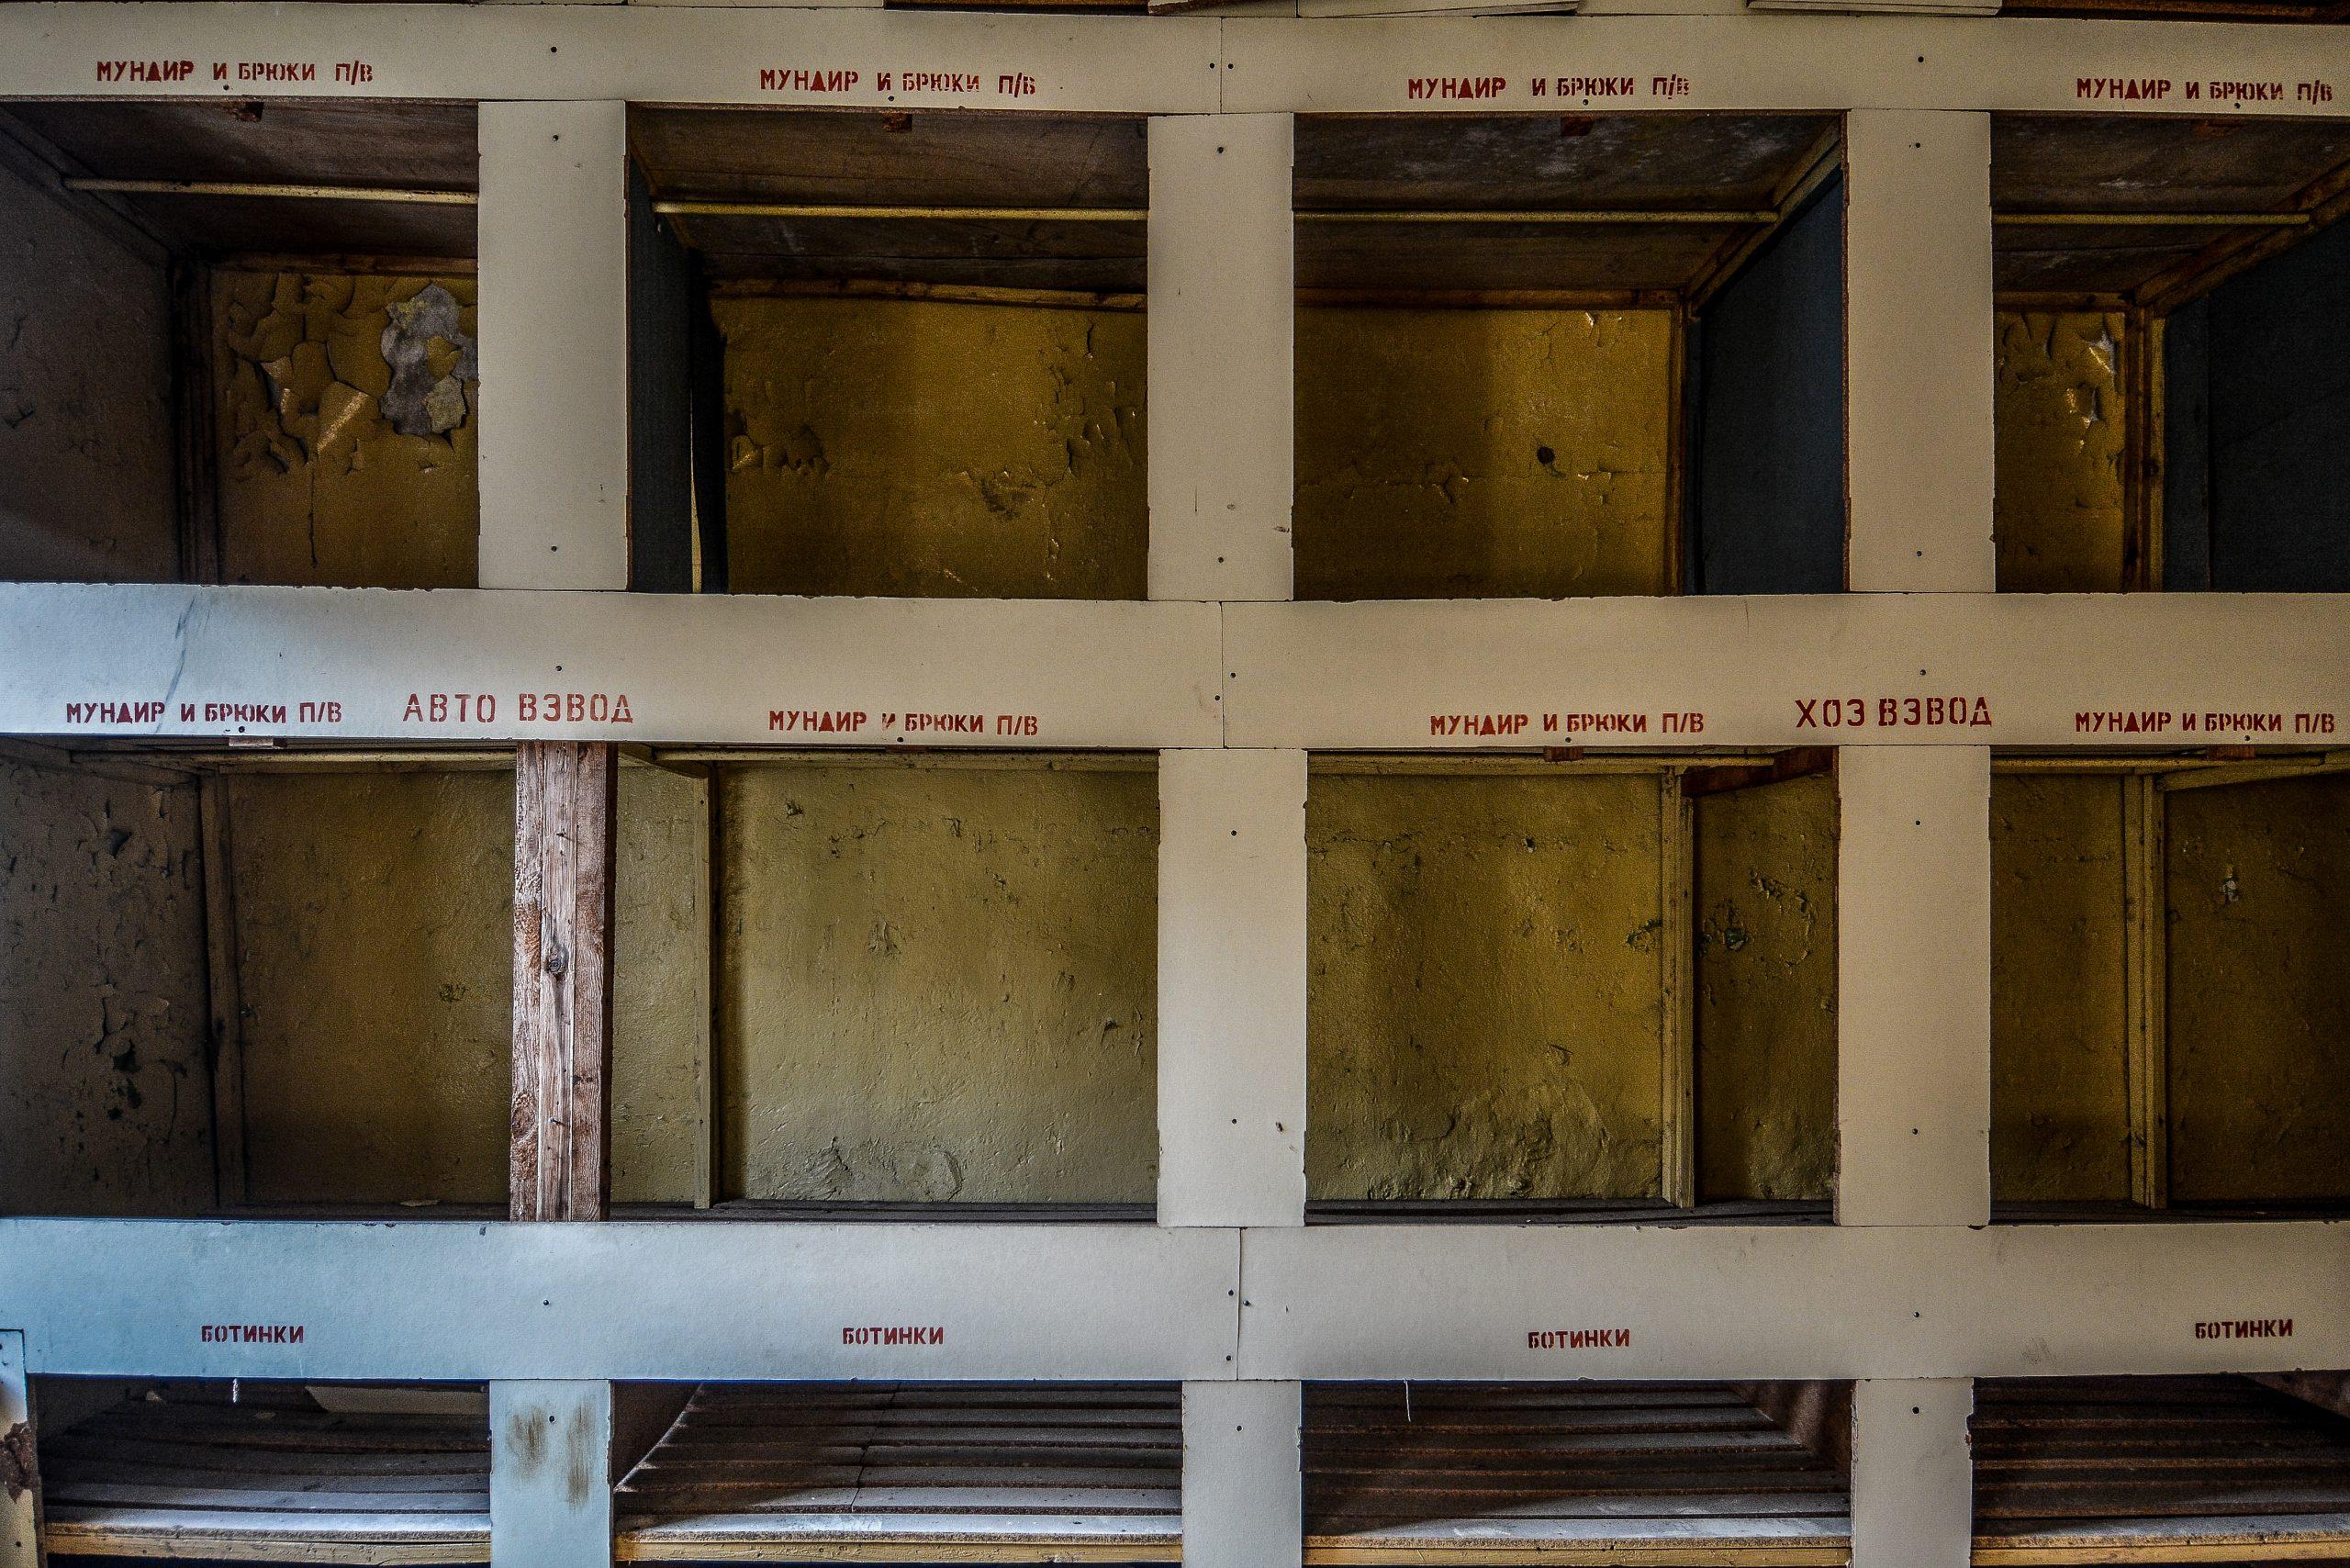 empty store shelves forst zinna adolf hitler lager luckenwalde juterbog sowjet kaserne soviet military barracks germany lost places urbex abandoned